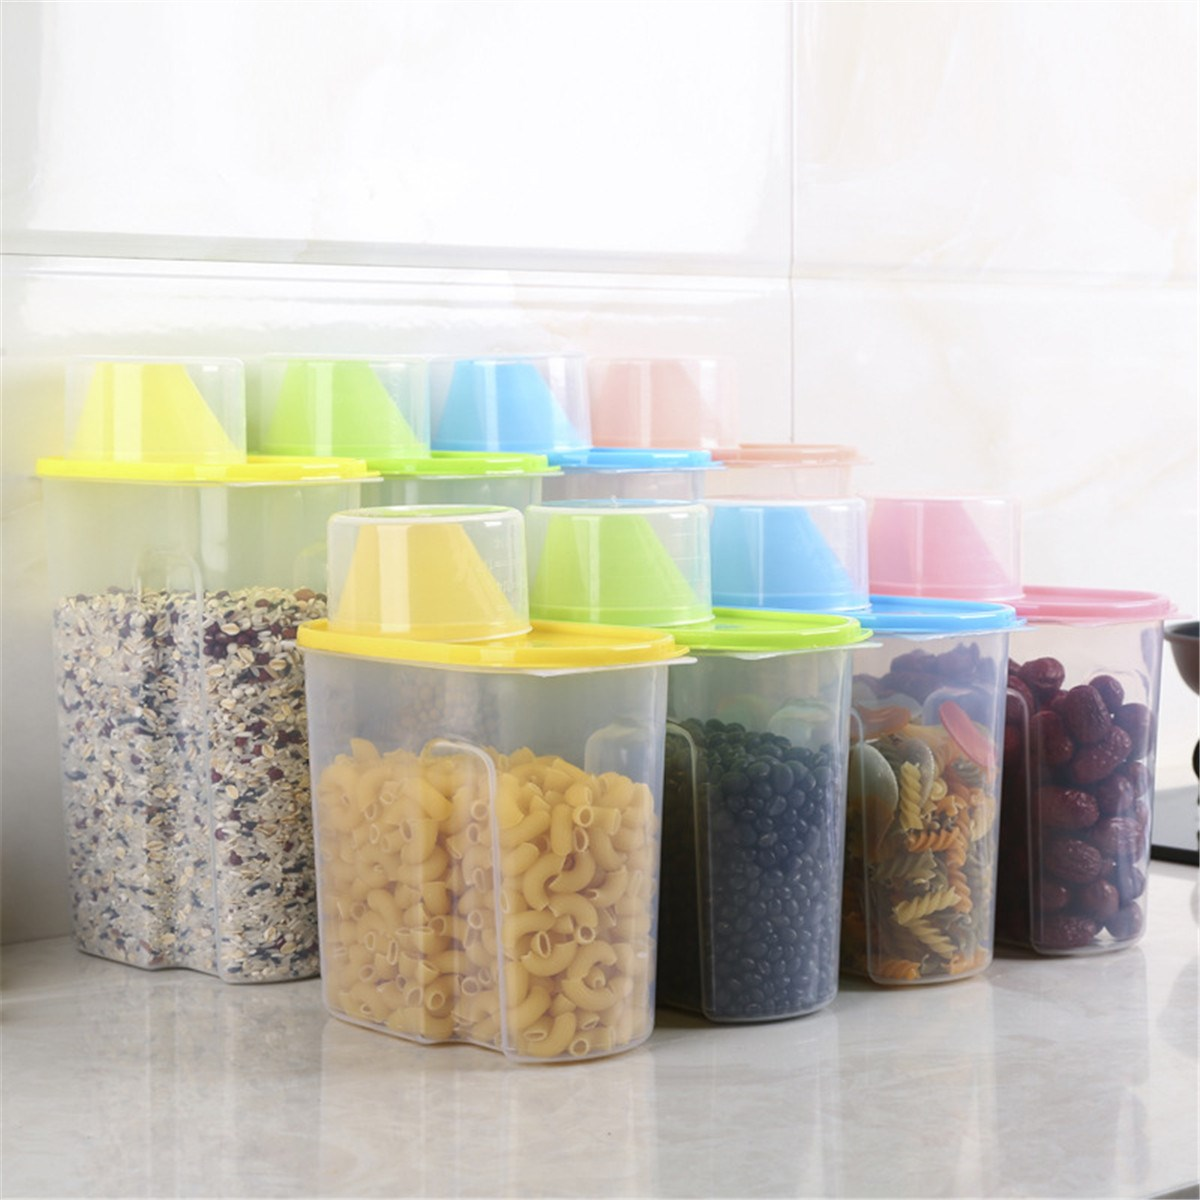 preis auf kitchen food containers vergleichen - online shopping